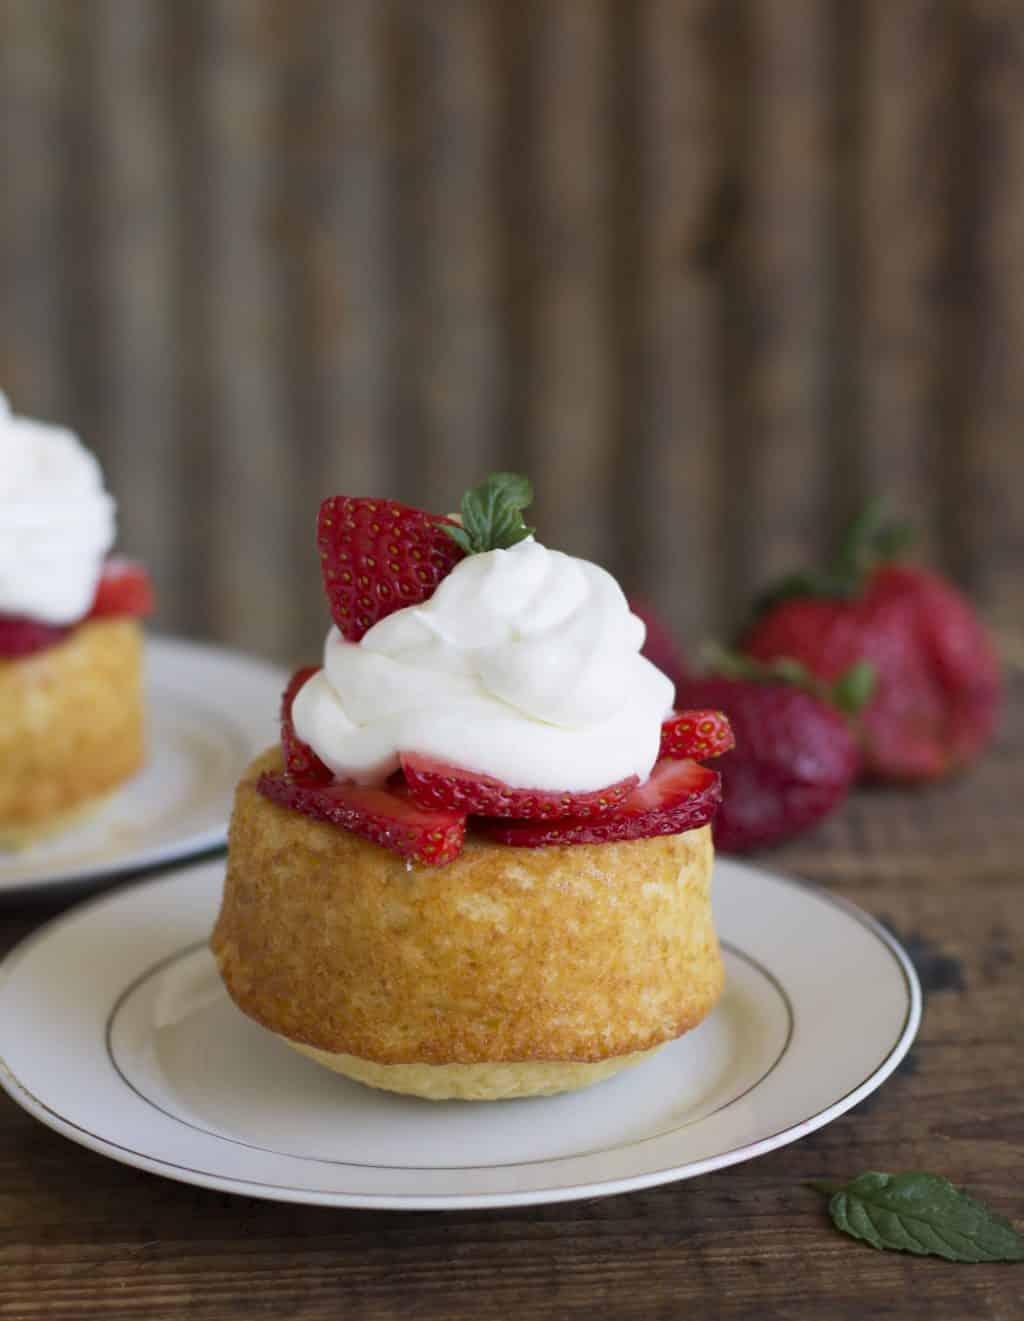 Homemade Strawberry Shortcake | The Country Contessa